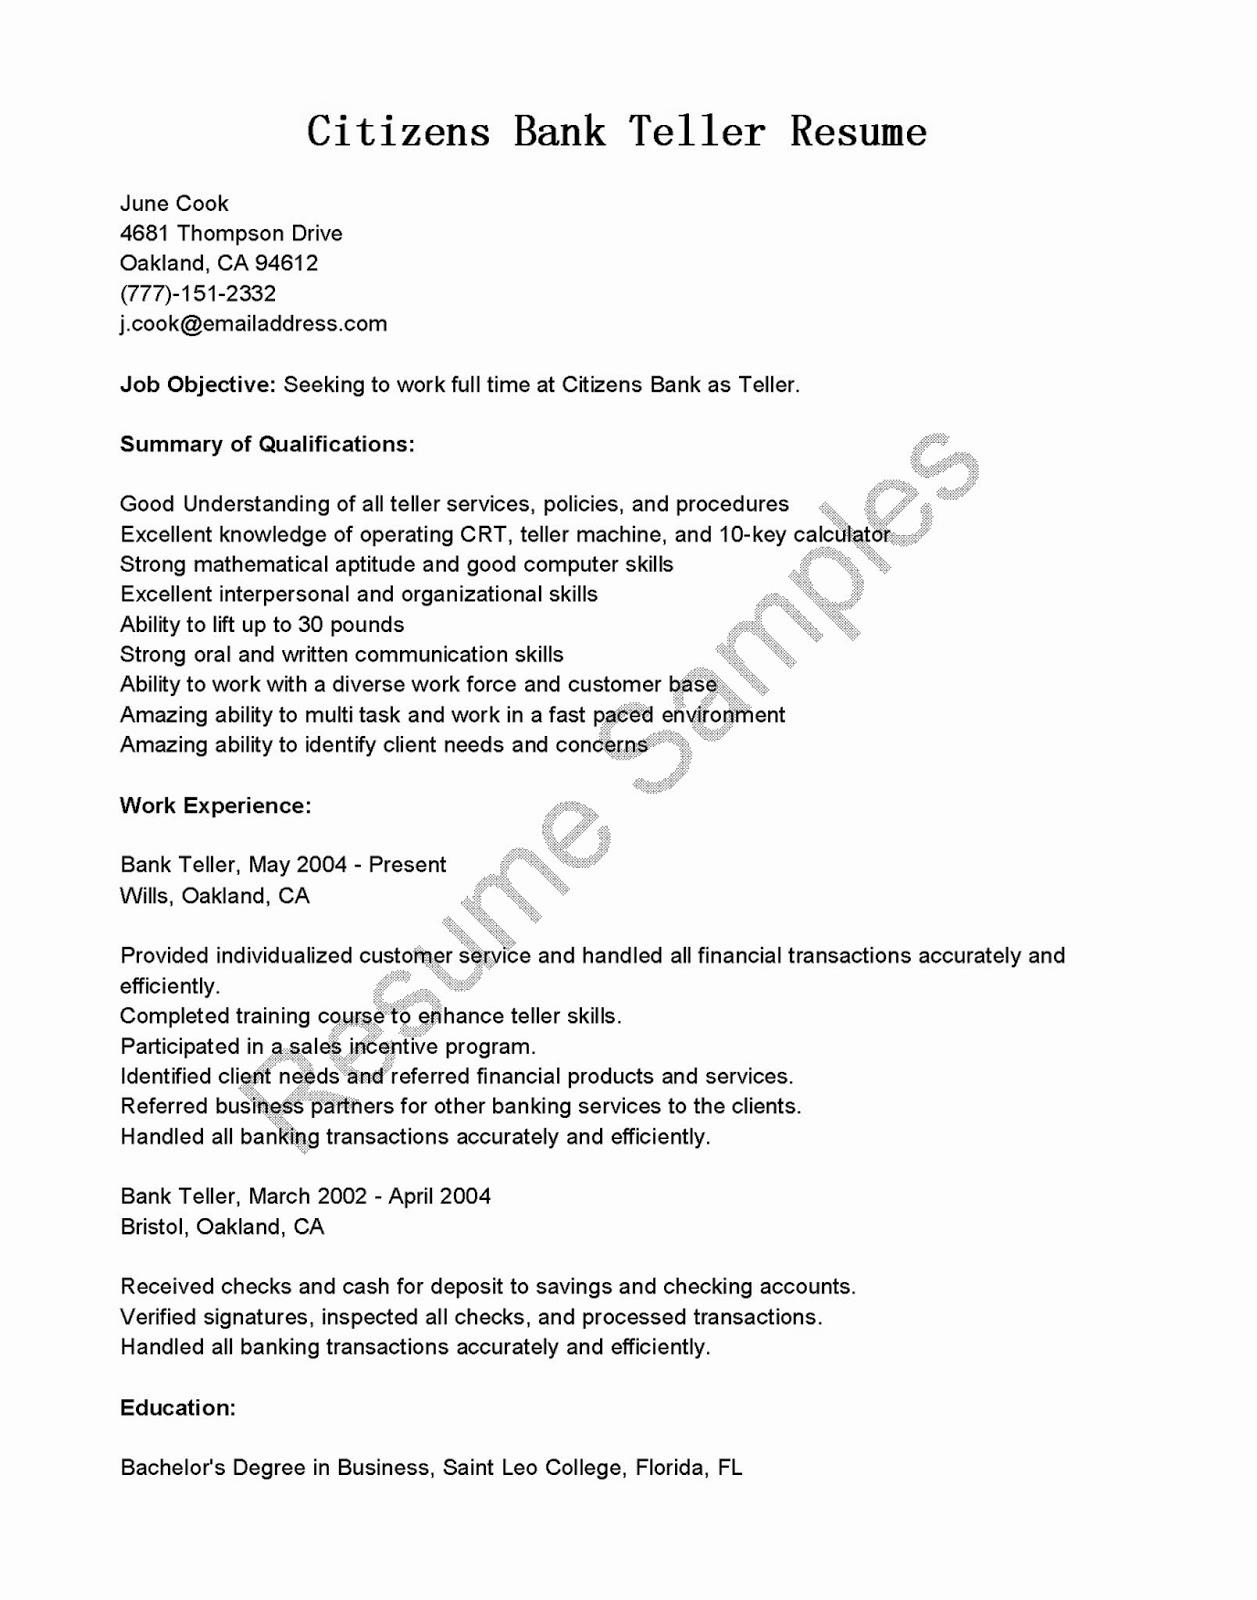 Resumes for Bank Teller Lovely Resume Samples Citizens Bank Teller Resume Sample